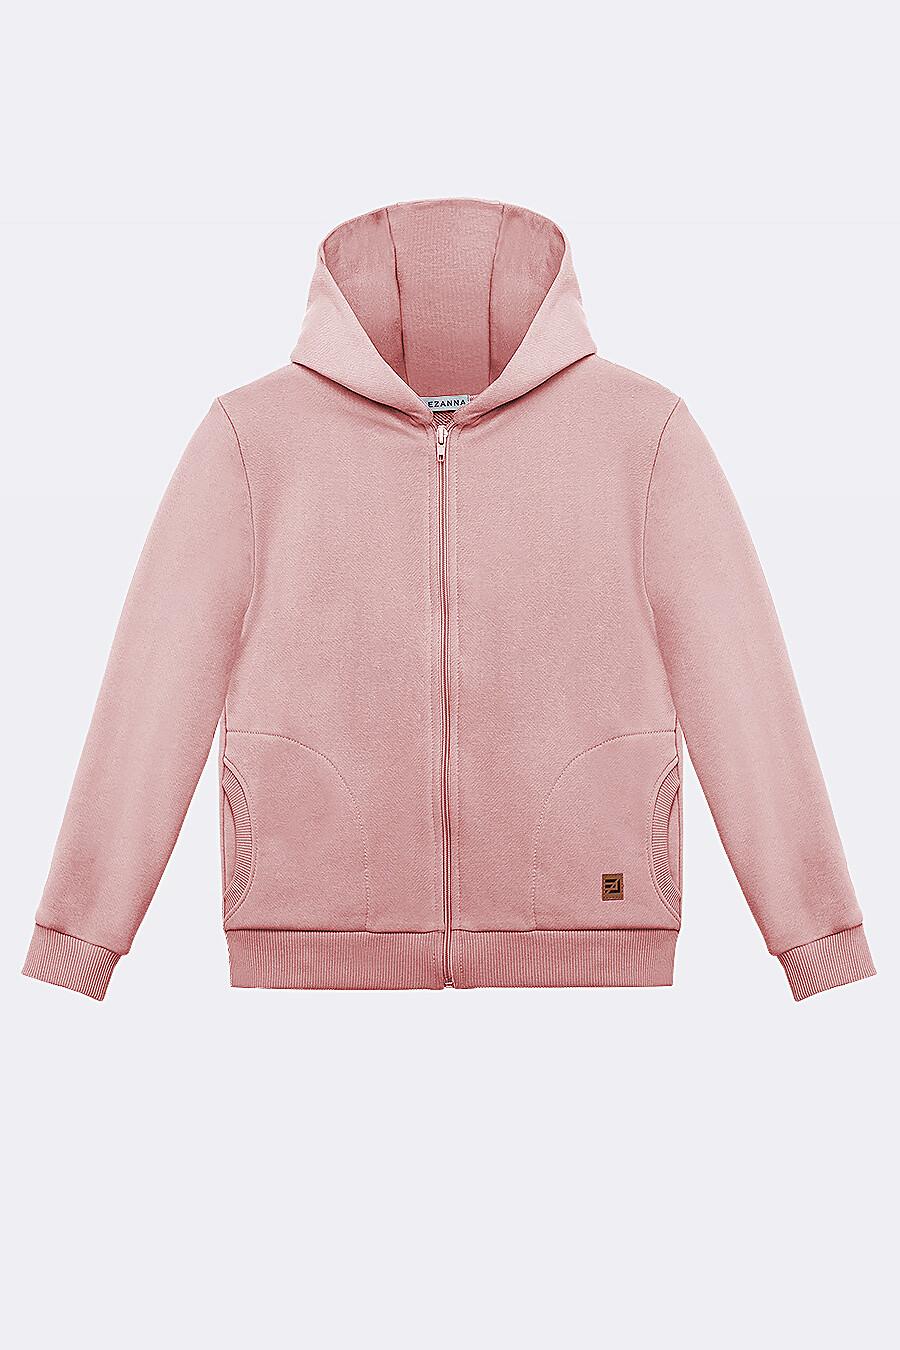 Костюм(Толстовка+Брюки) для девочек EZANNA 682390 купить оптом от производителя. Совместная покупка детской одежды в OptMoyo